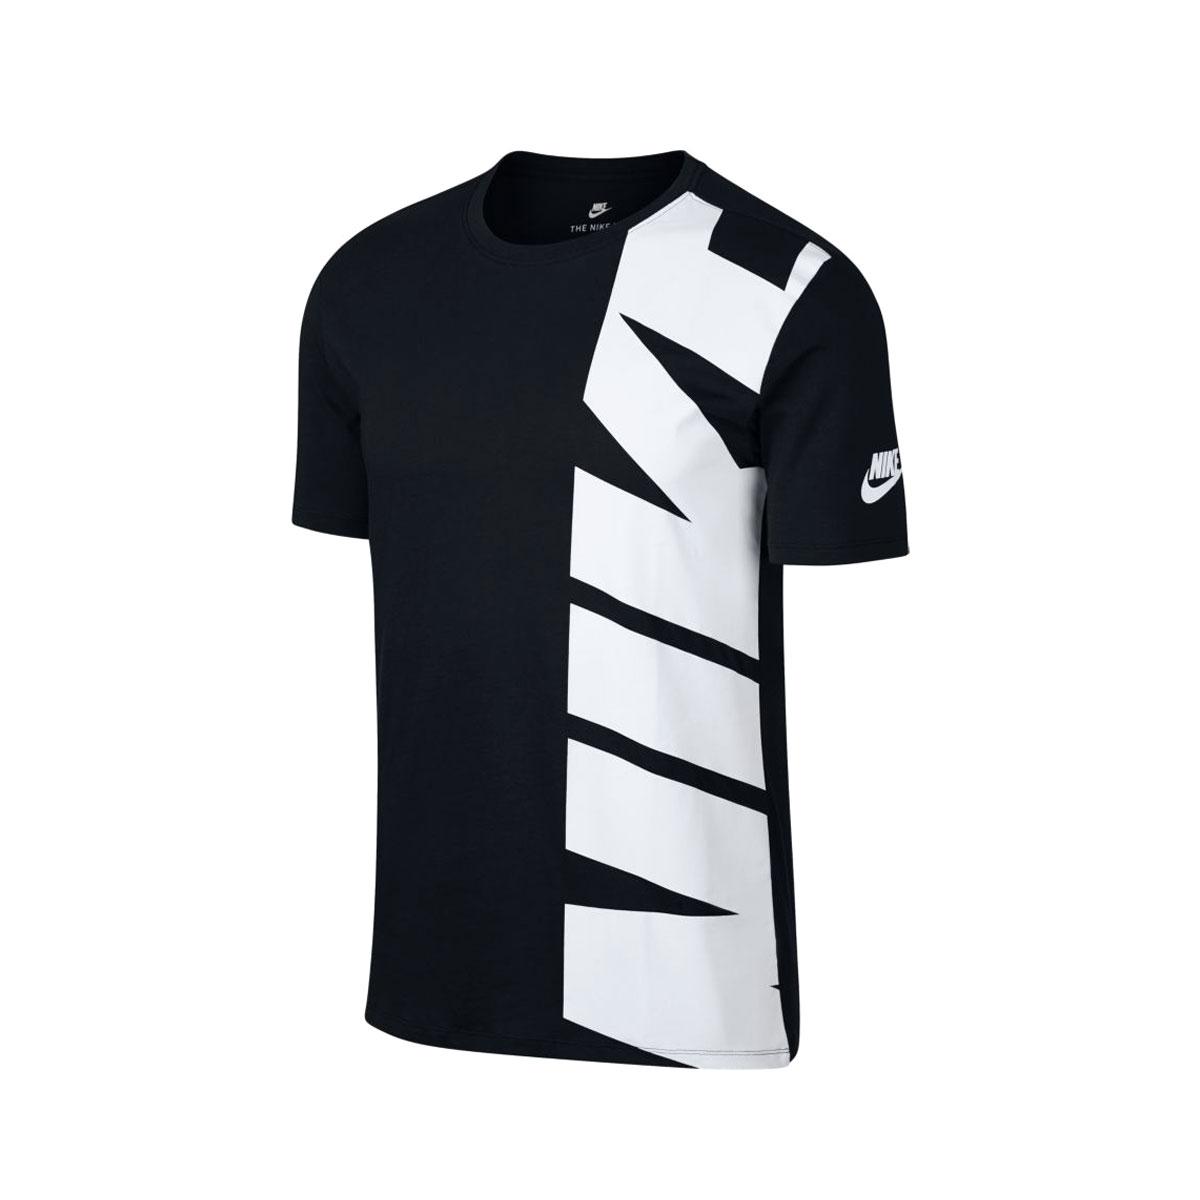 336931bd20 atmos pink  NIKE AS M NSW TEE HYBRID 1 (Nike hybrid T-shirt 1) BLACK ...